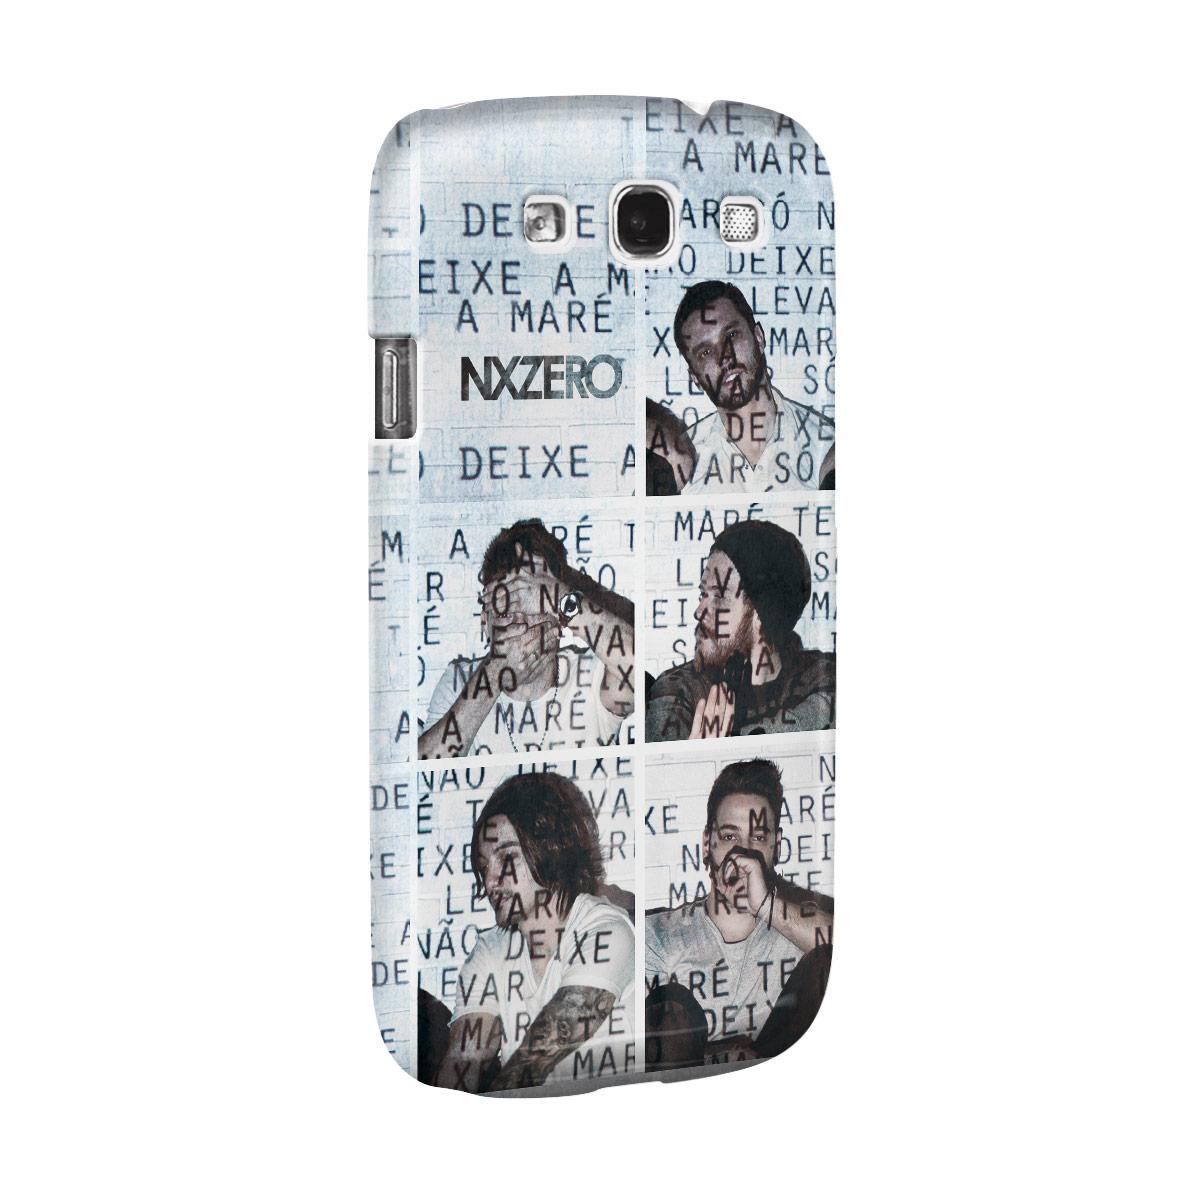 Capa de Celular Samsung Galaxy S3 NXZero Não Deixe a Maré Te Levar